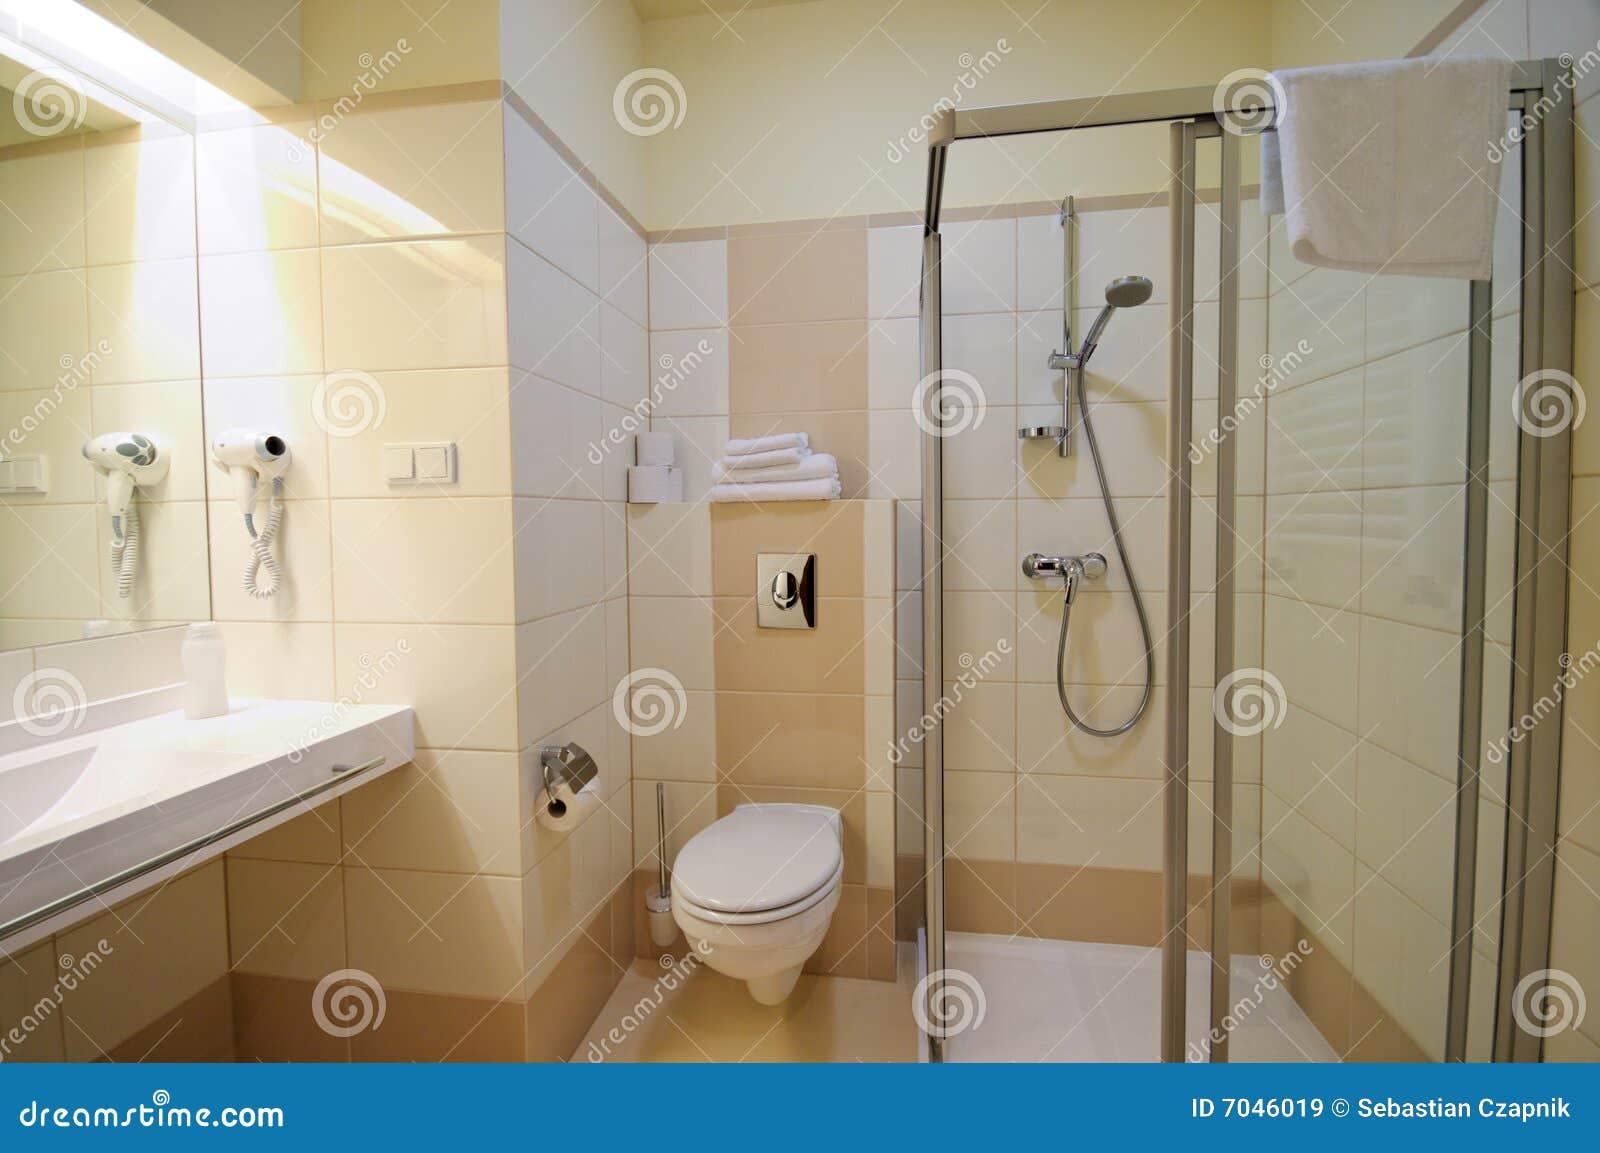 disegno bagno Beige : Cabina di vetro interna e trasparente della stanza da bagno moderna ...